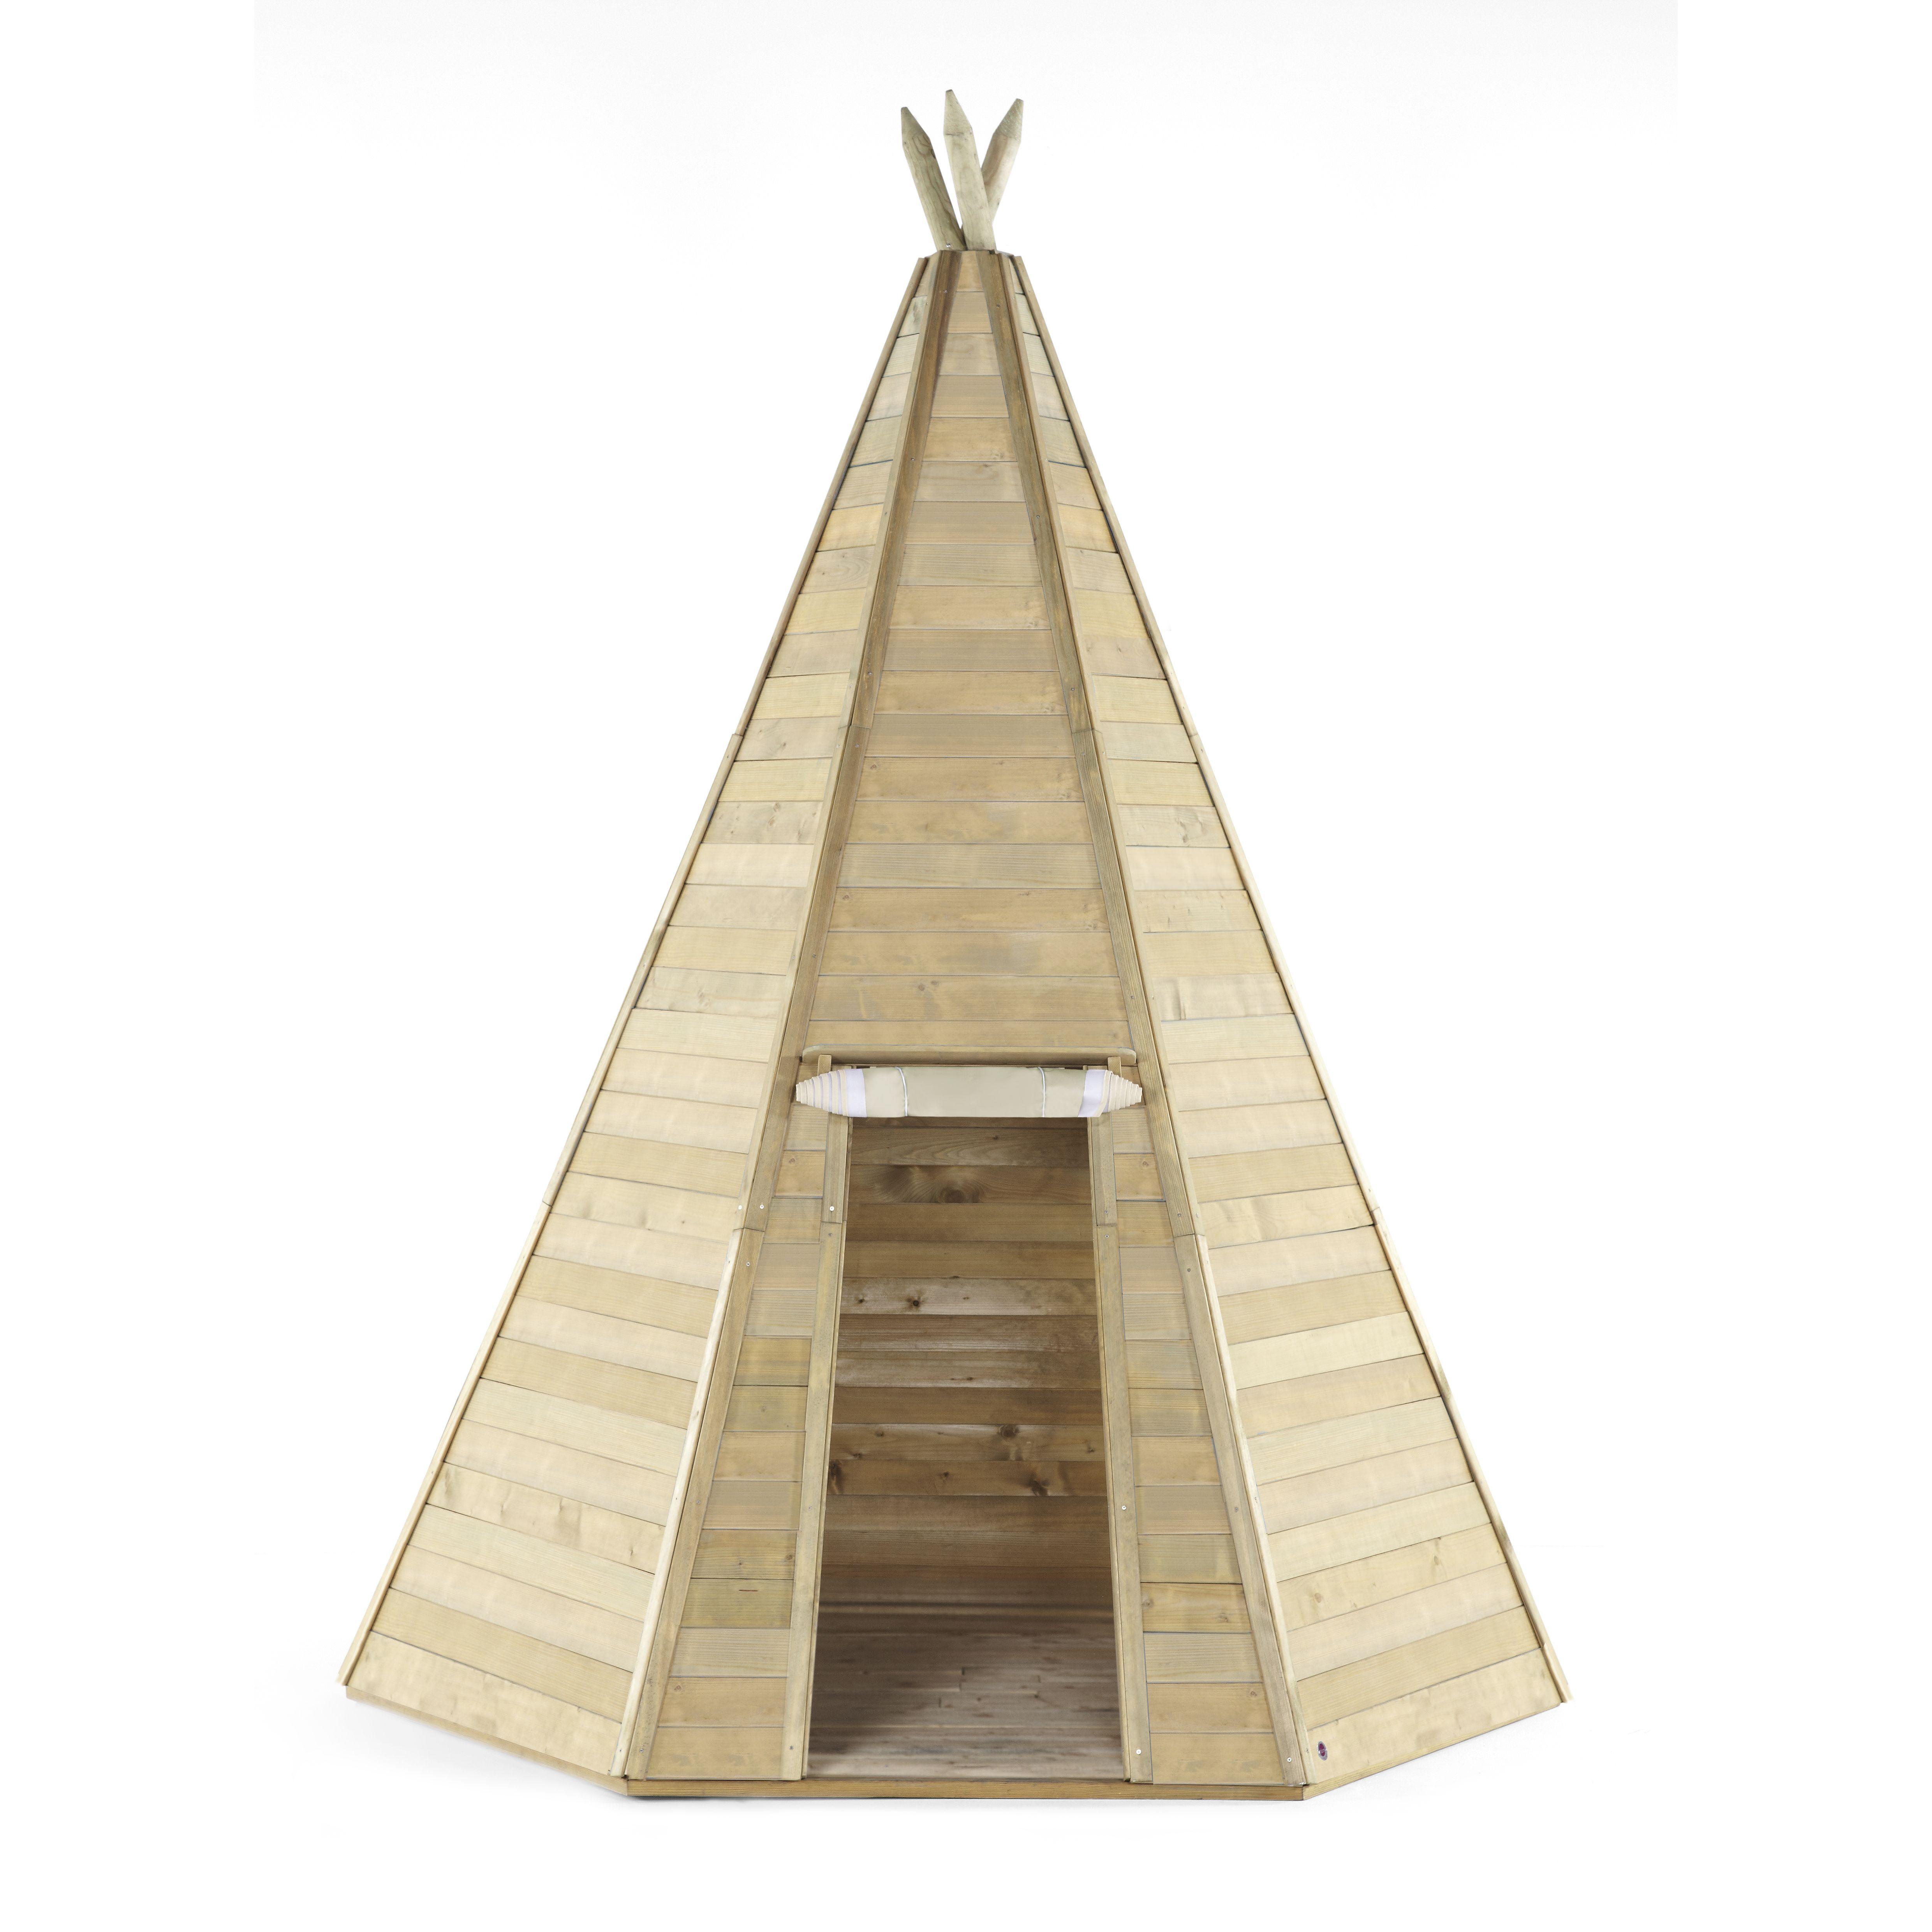 plum sandkasten schatzinsel aus holz mit abdeckung ebay. Black Bedroom Furniture Sets. Home Design Ideas